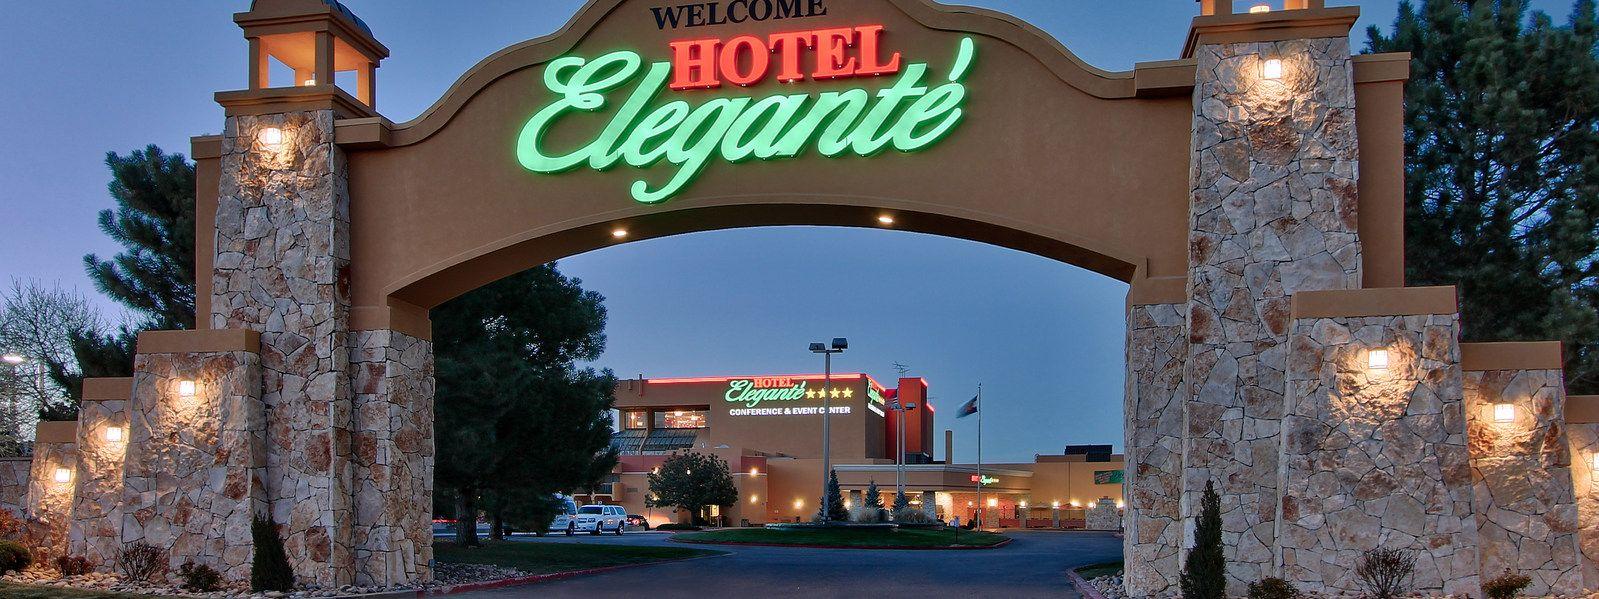 Hotel Eleganté Colorado Springs Co